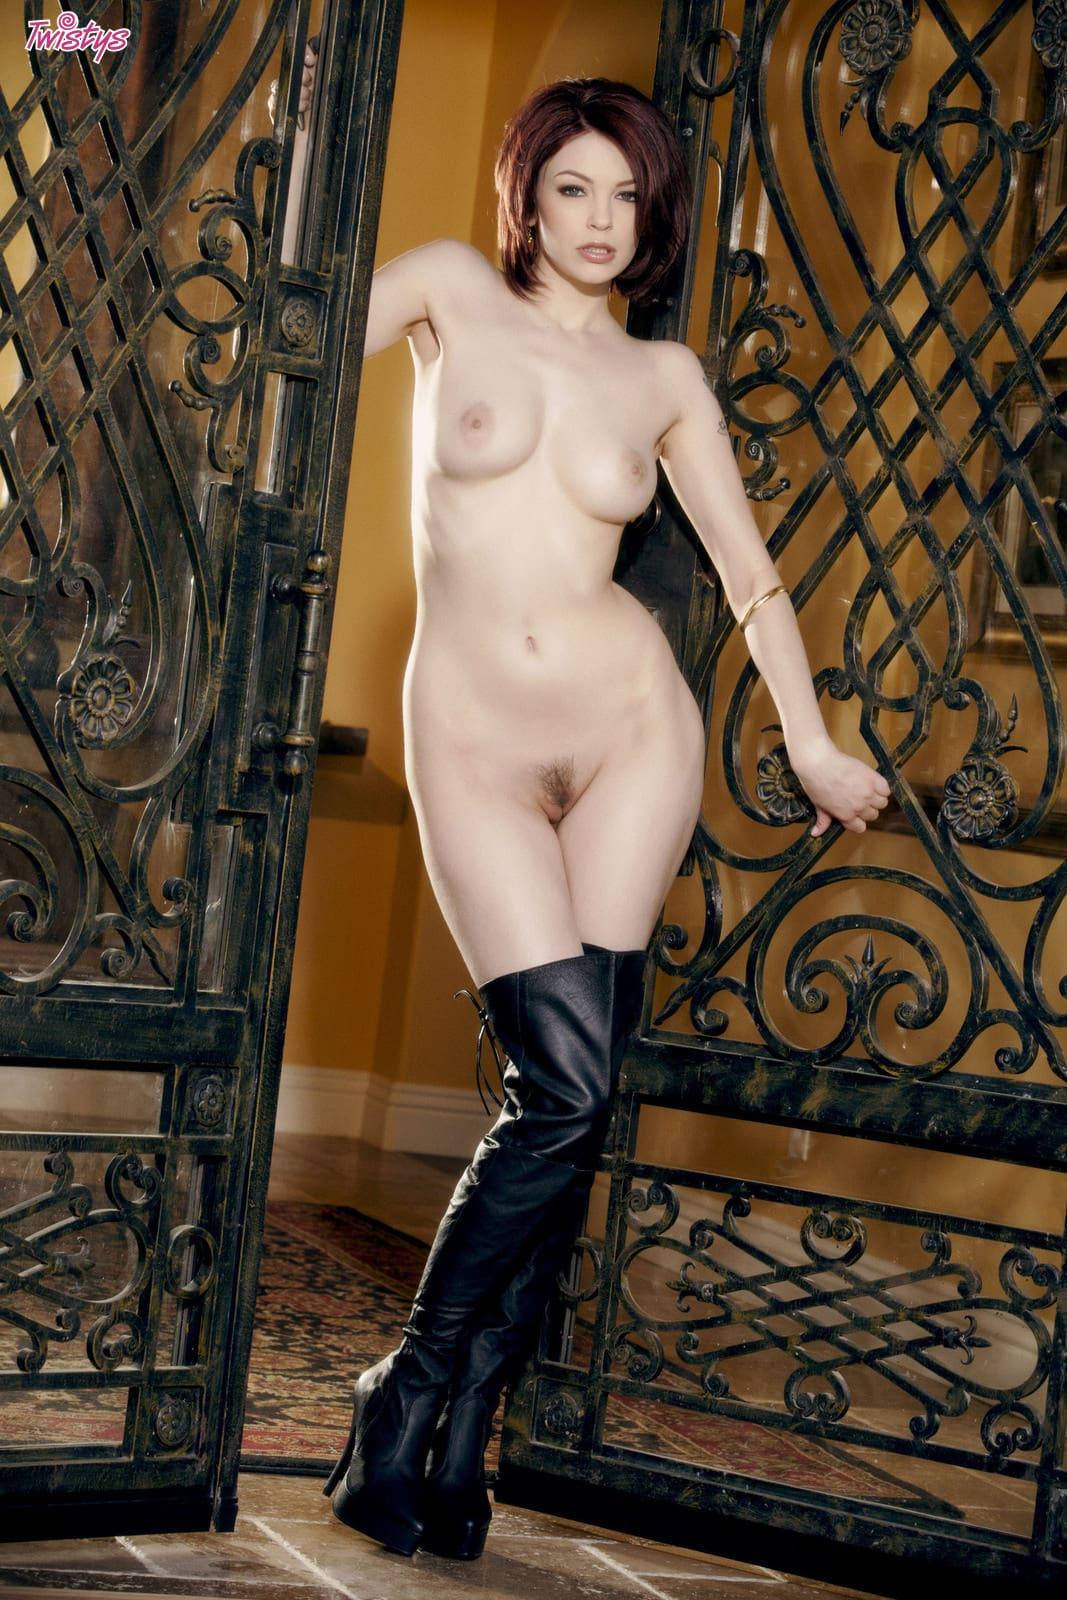 Stiefel Nackt